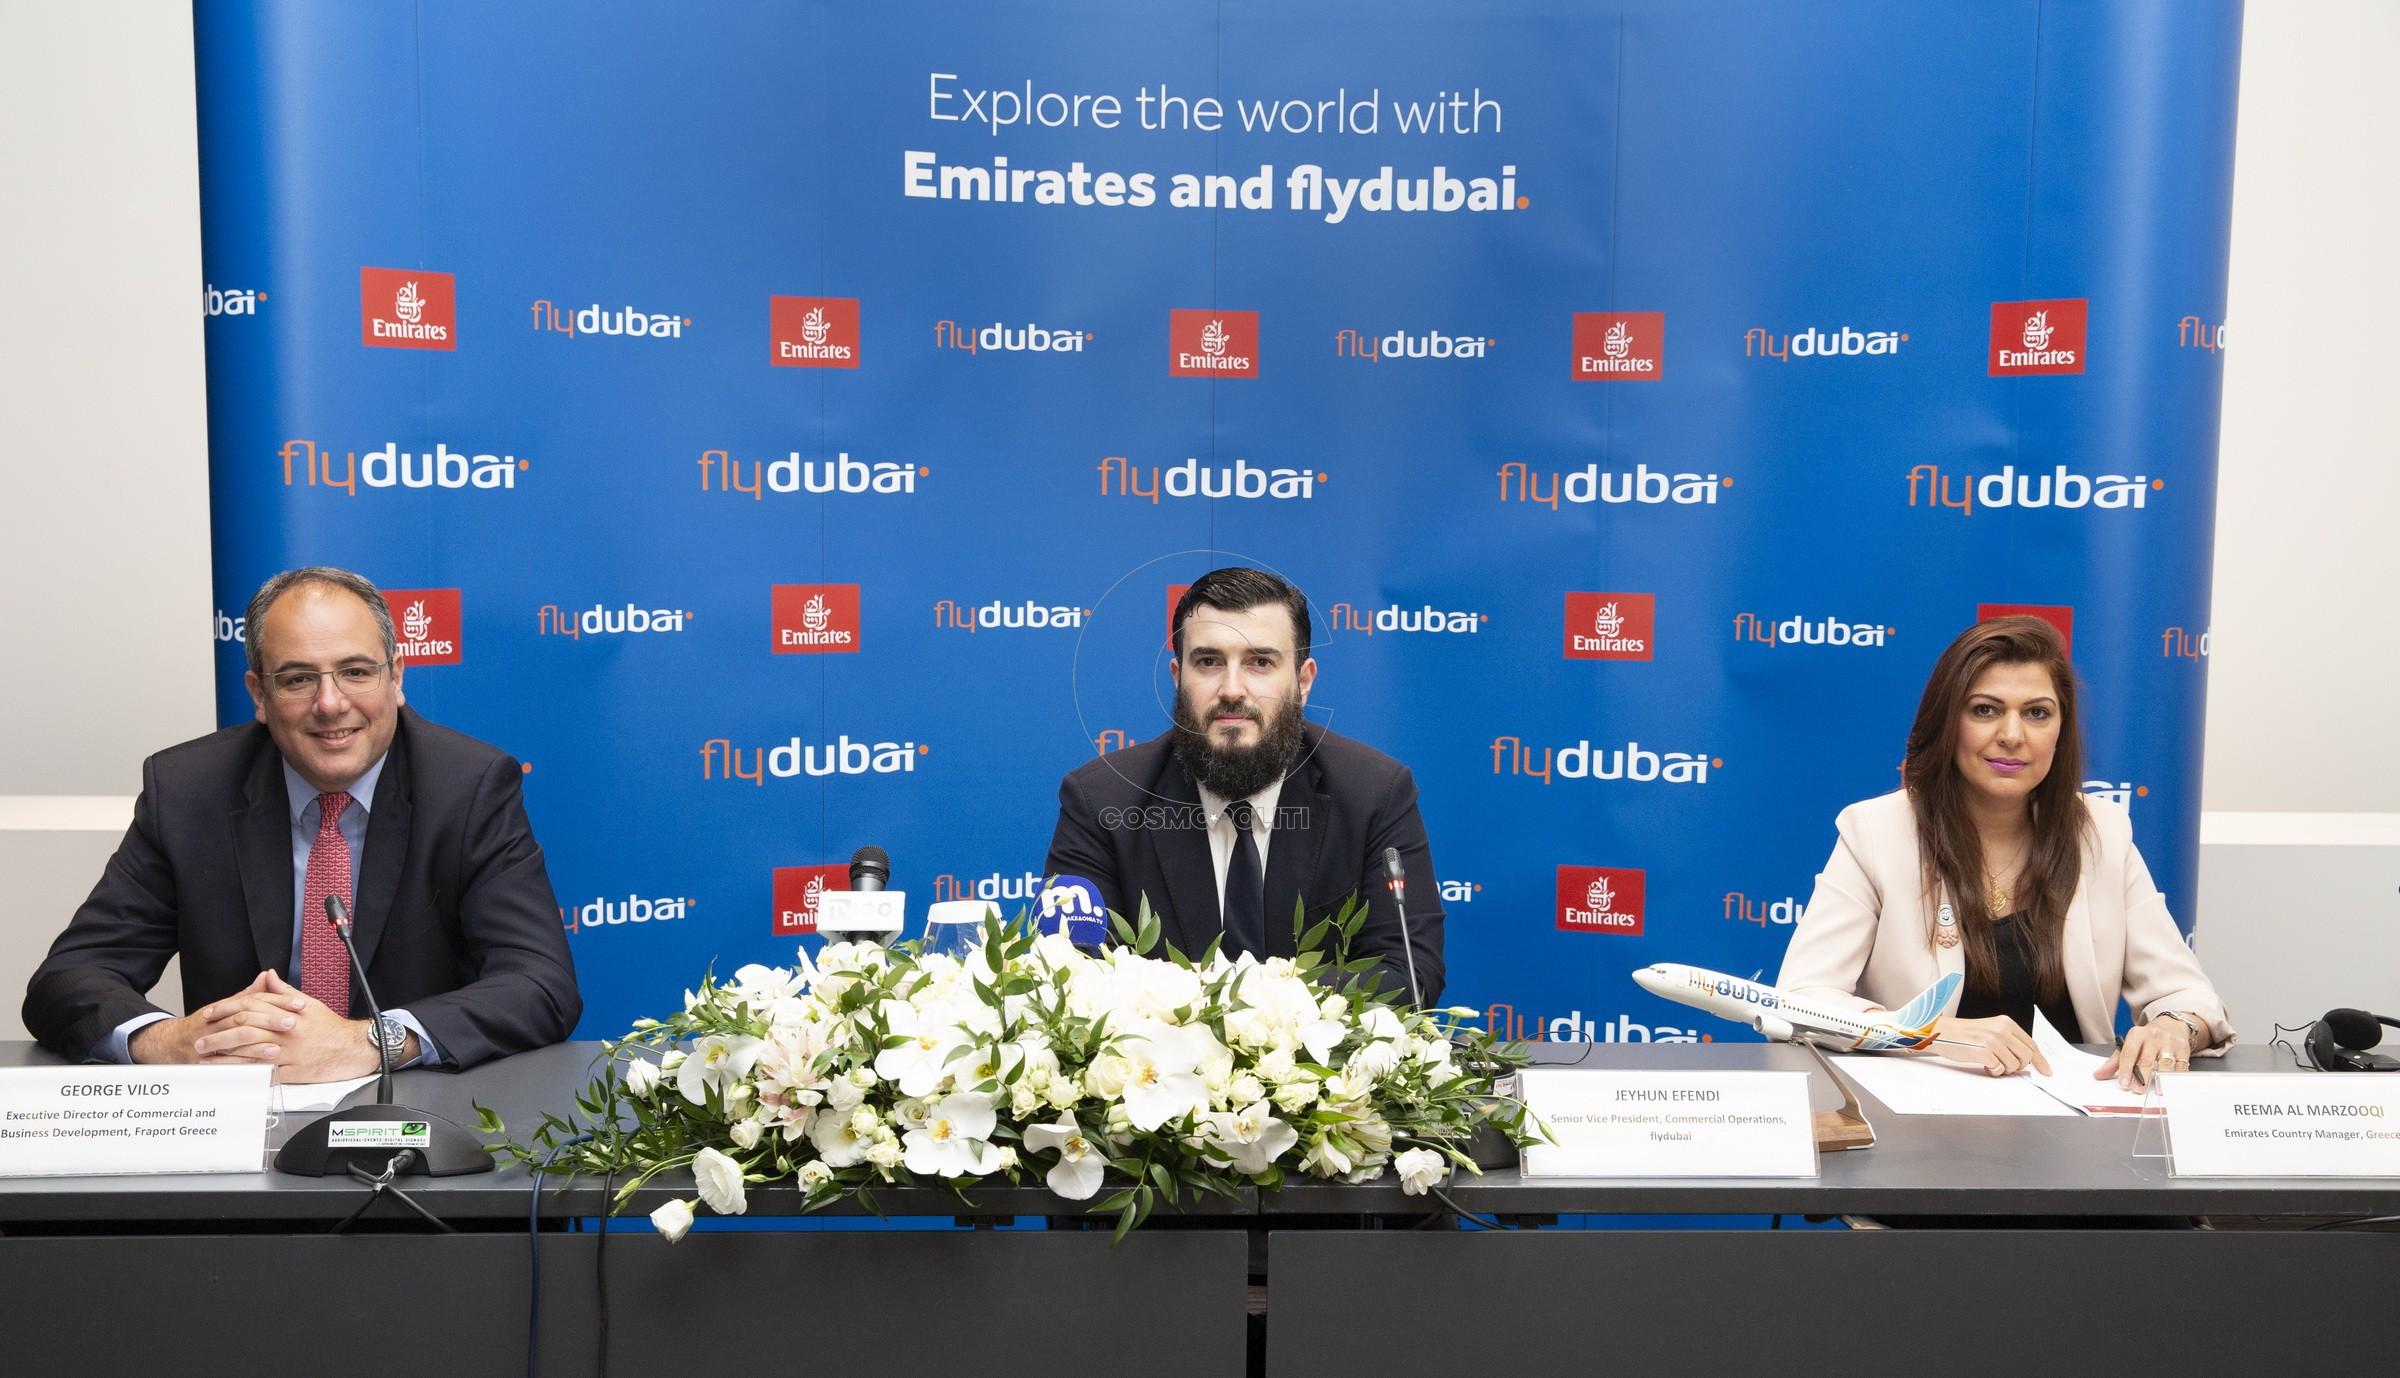 185 Γιώργος Βήλος της Fraport, Reema Al Marzooqi της Emirates & Jeyhun Efendi της flydubai (2)